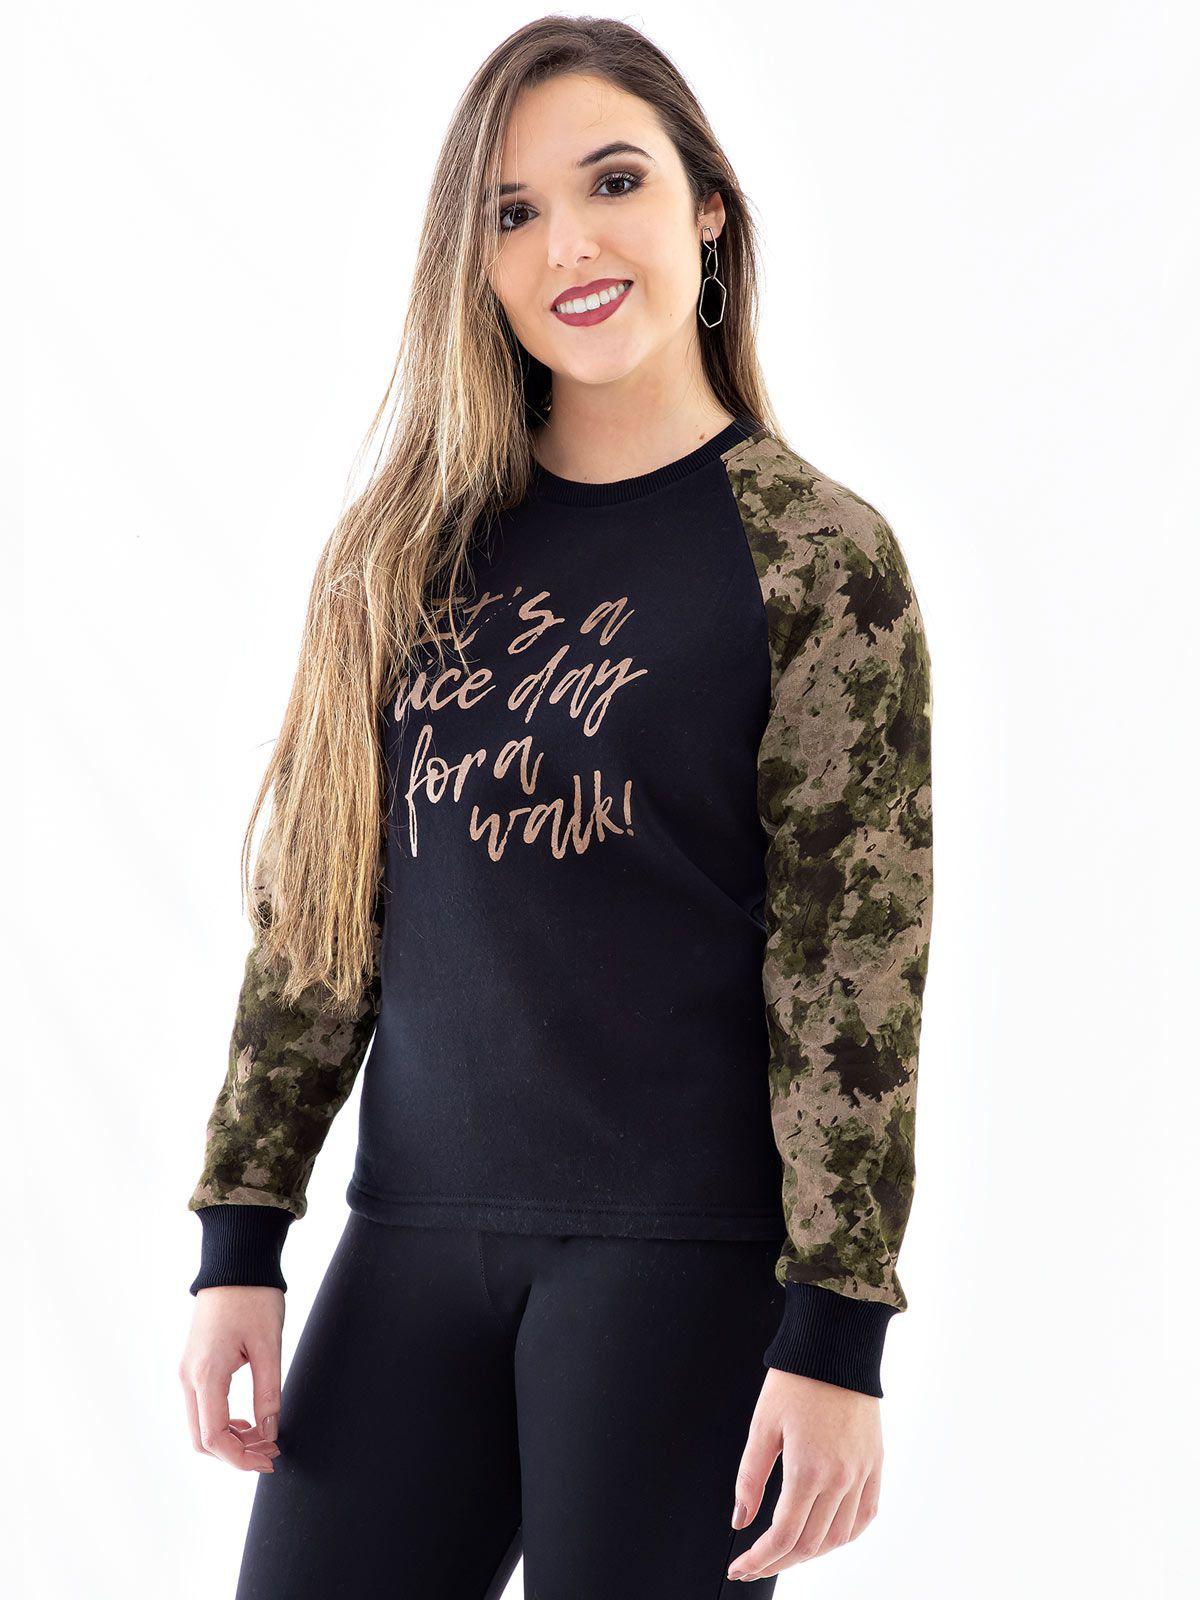 Blusa Moletom Feminino com Mangas Camufladas Anistia Preta